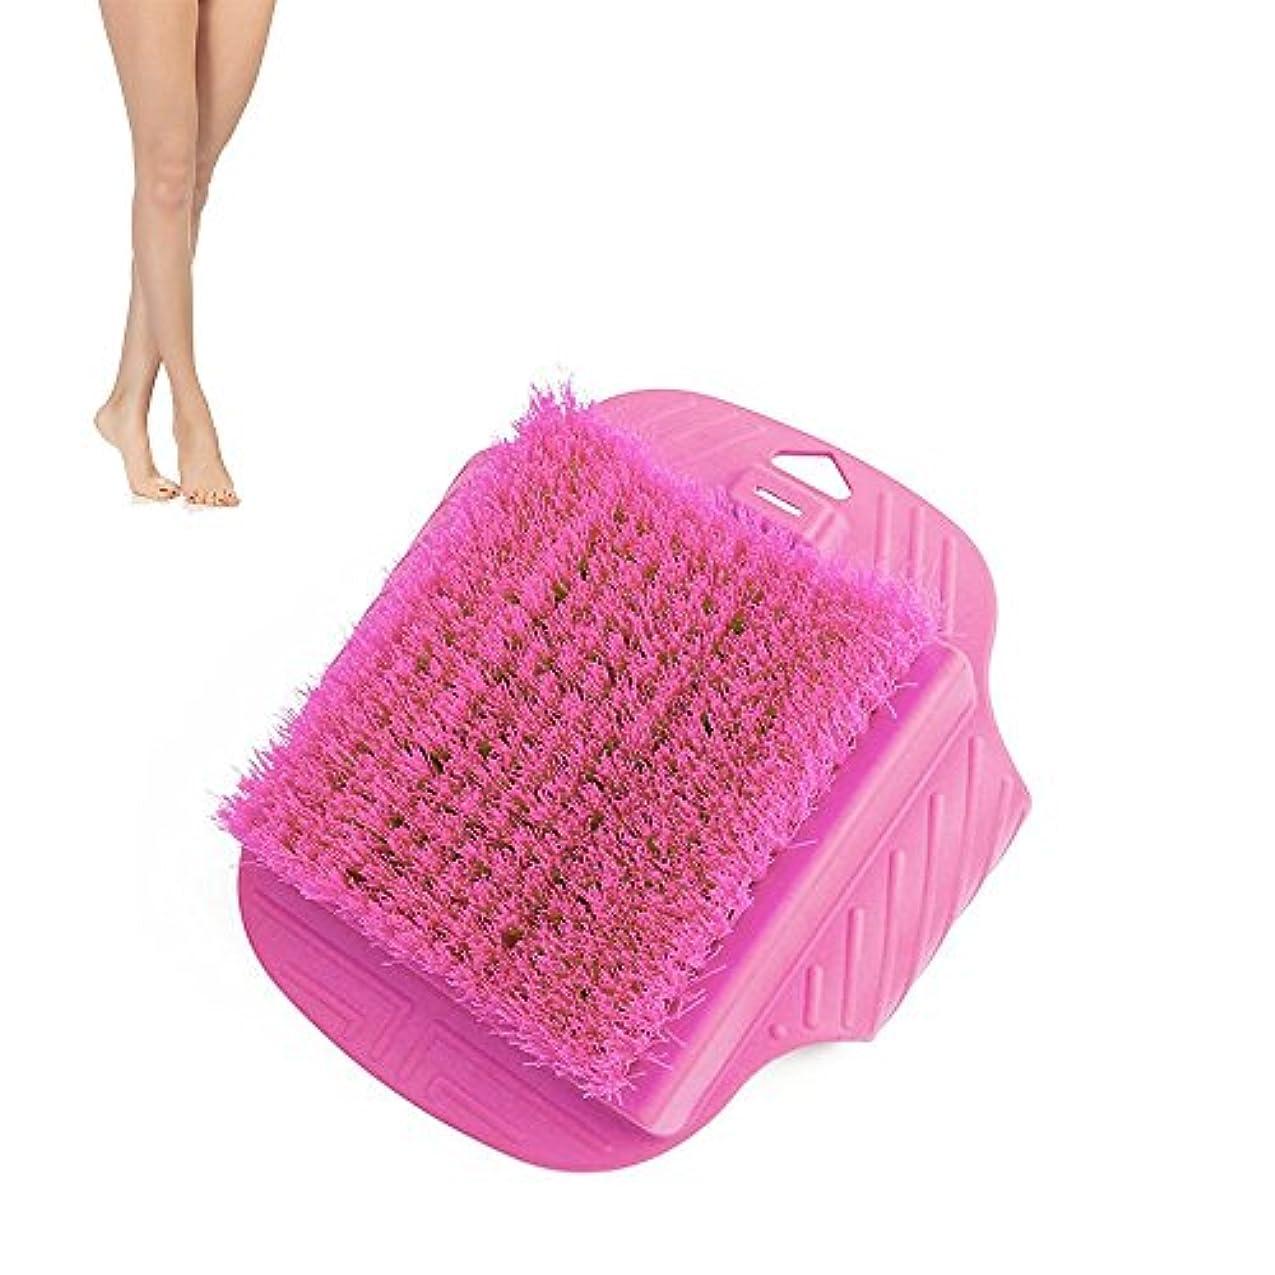 リスキーな今まで探偵足ブラシ フットブラシ フットグルーマー スリッパ ブラシシャワースリッパ お風呂で使える角質ケアブラシ 足の匂い消し 健康グッズ (ピンク)